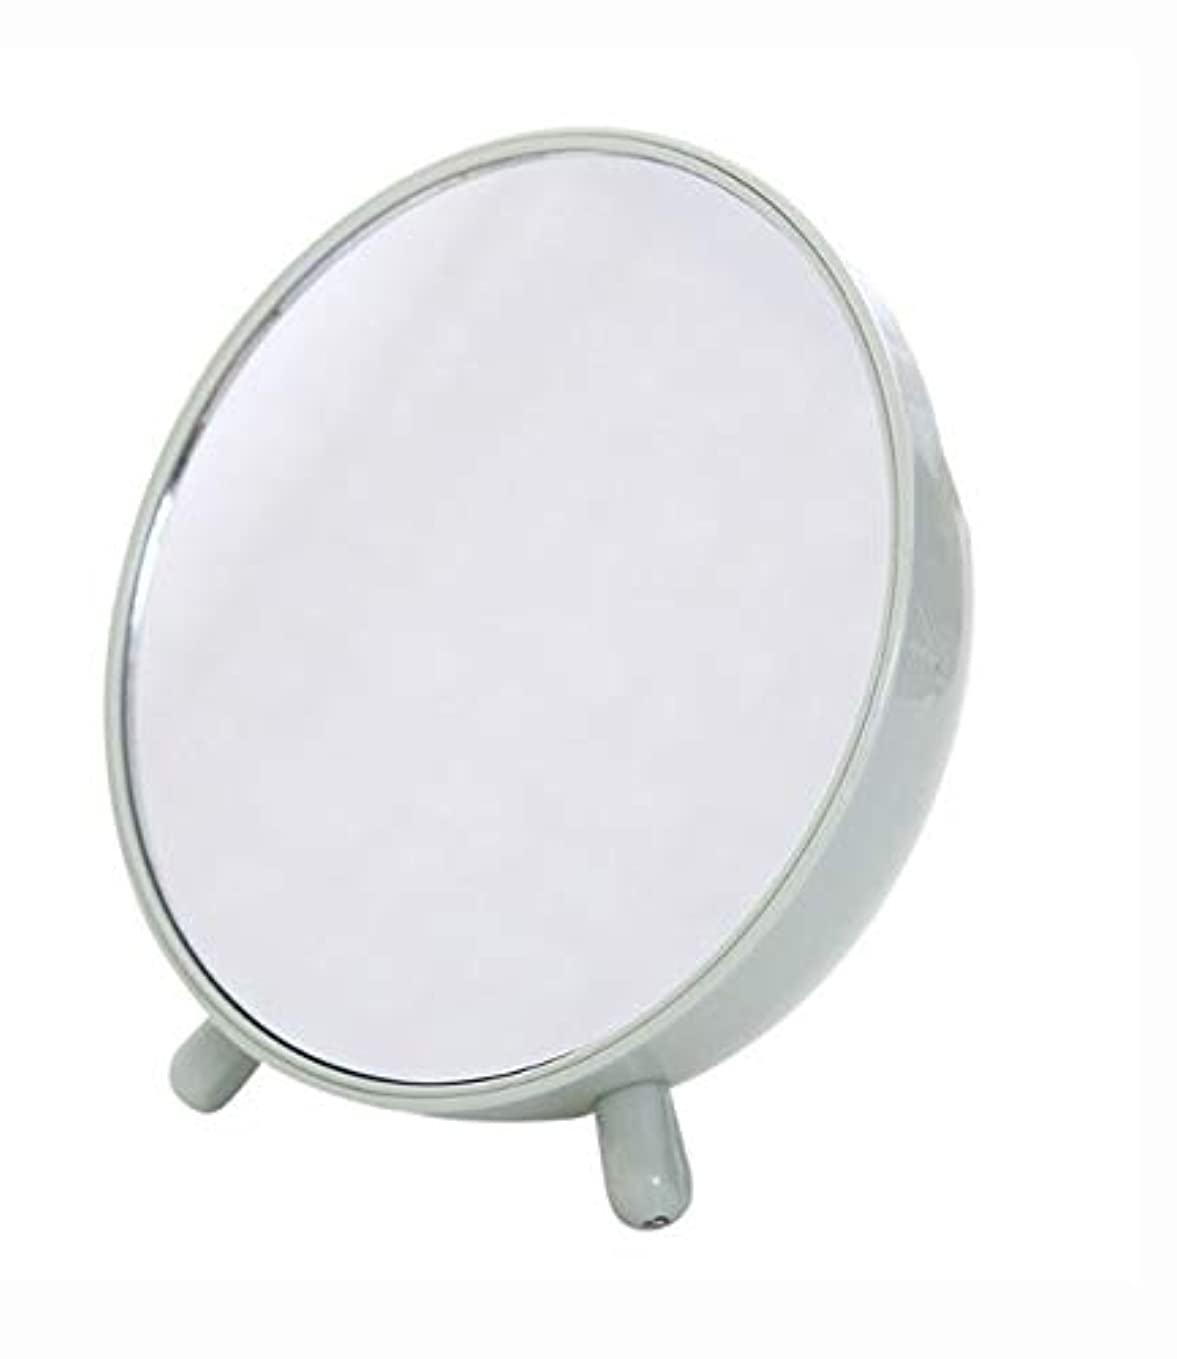 いつでも表面溝化粧鏡、収納箱の化粧品のギフトが付いている緑の簡単な円形のテーブルの化粧鏡